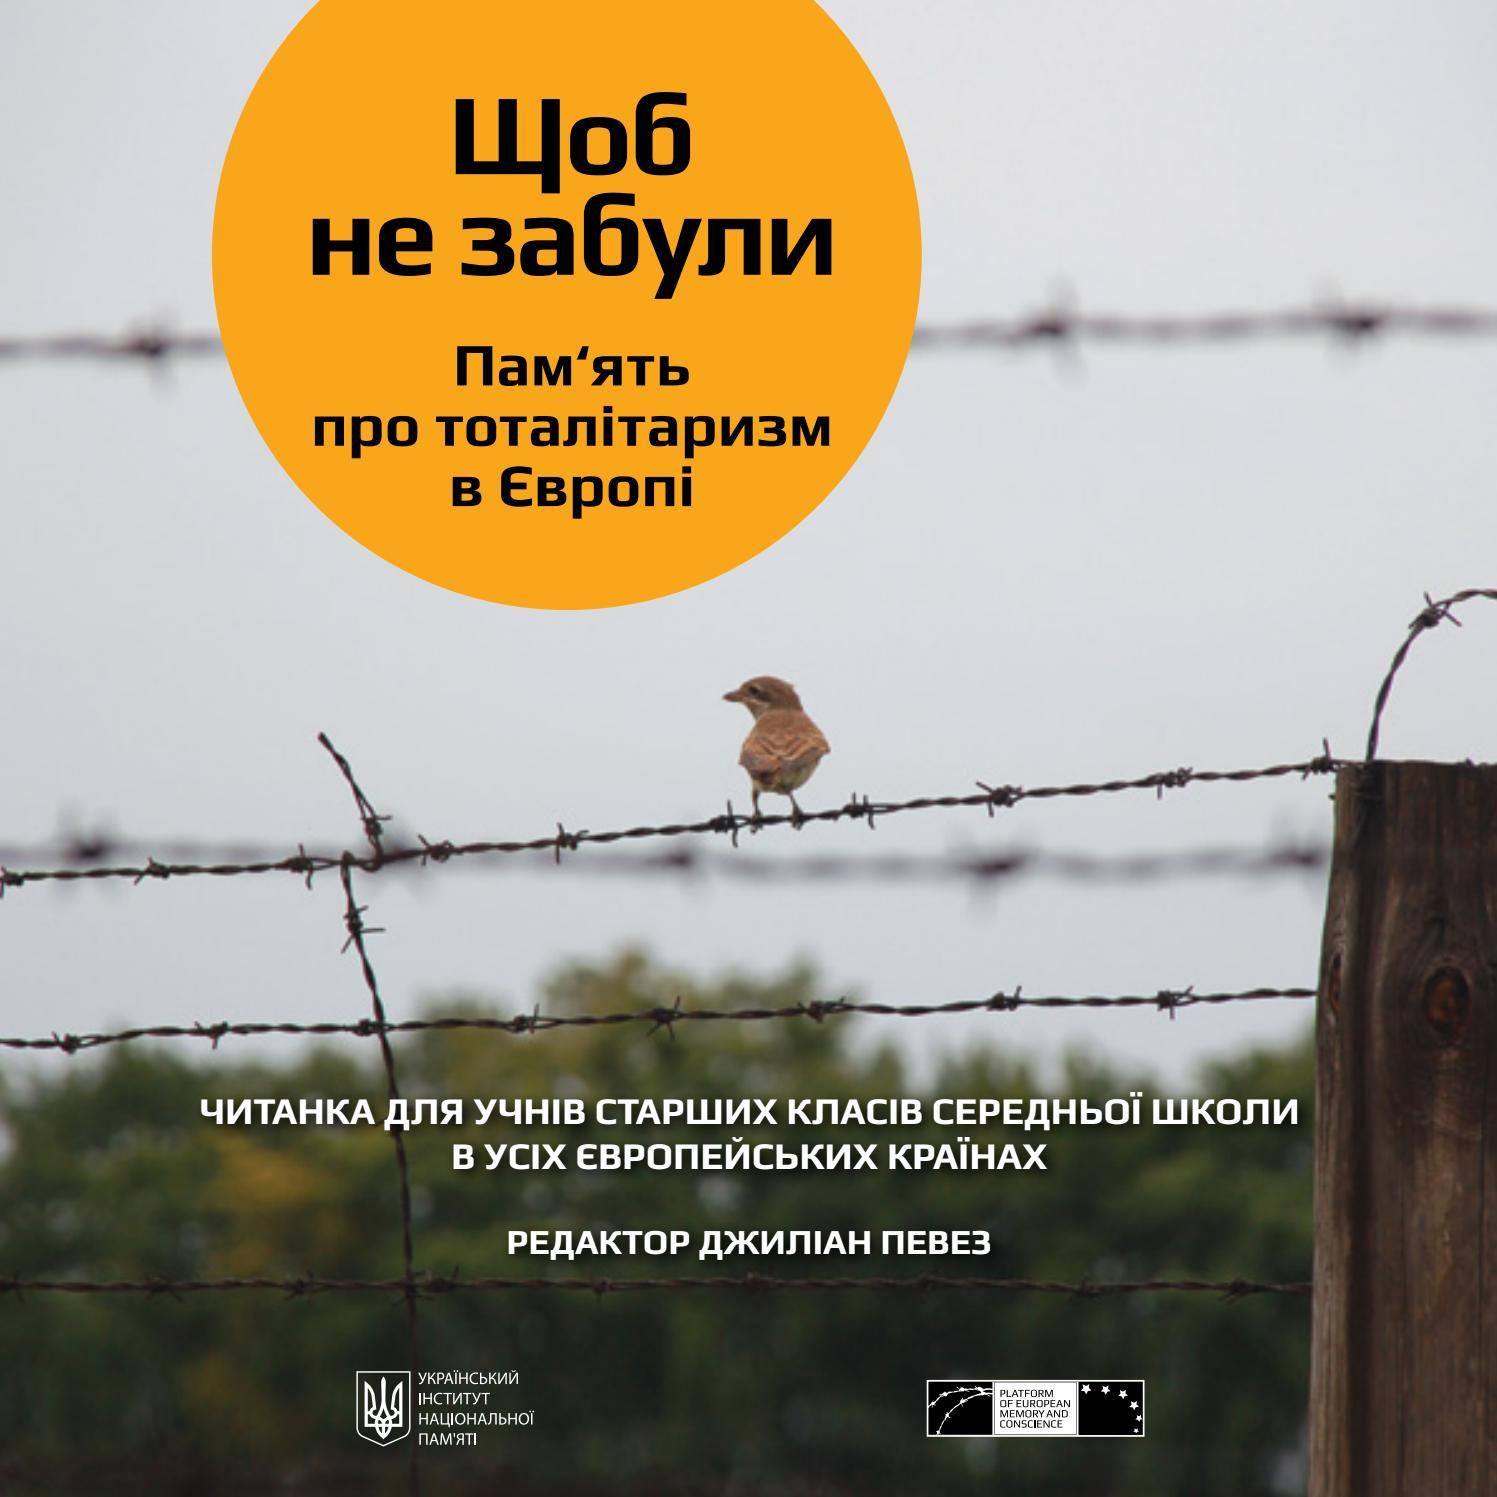 Щоб не забули. Пам ять про тоталітаризм в Європі by Український Інститут  національної пам яті - issuu 89d21fea35377